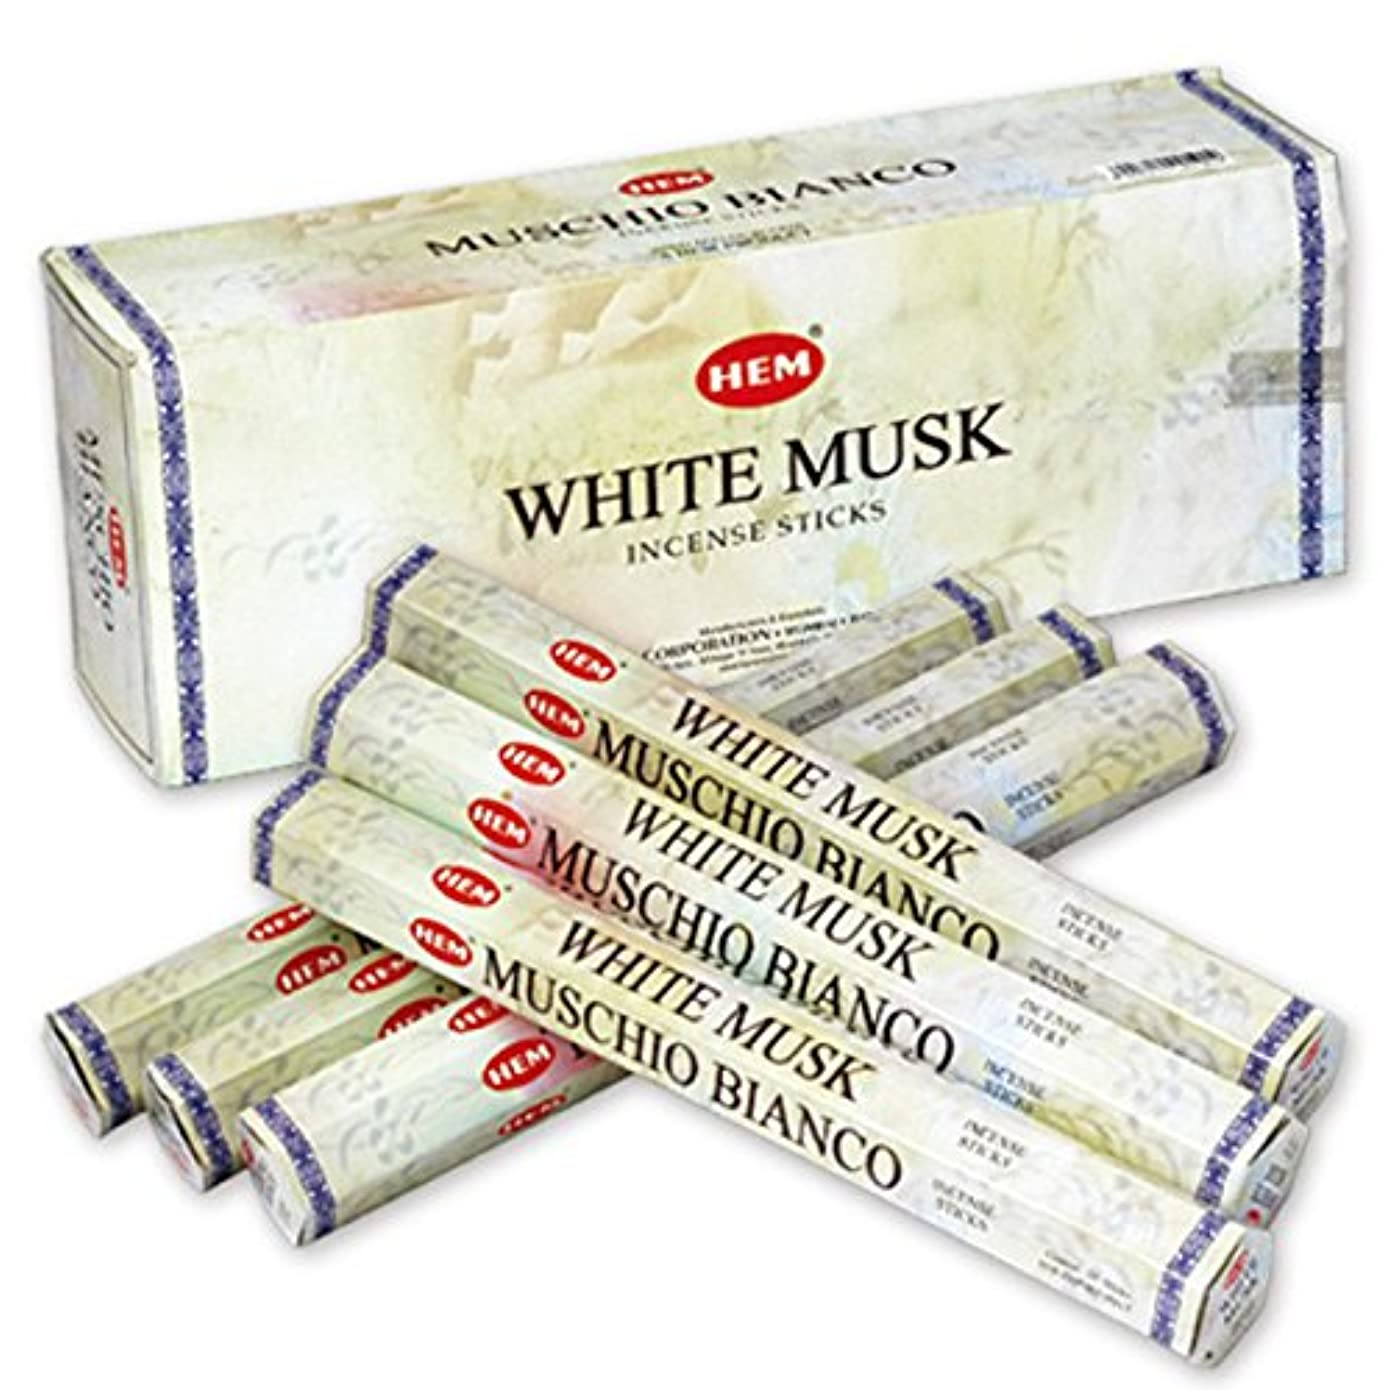 プロット眩惑する練るHEM(ヘム) ホワイト?ムスク WHITE-MUSK スティックタイプ お香 6筒 セット [並行輸入品]